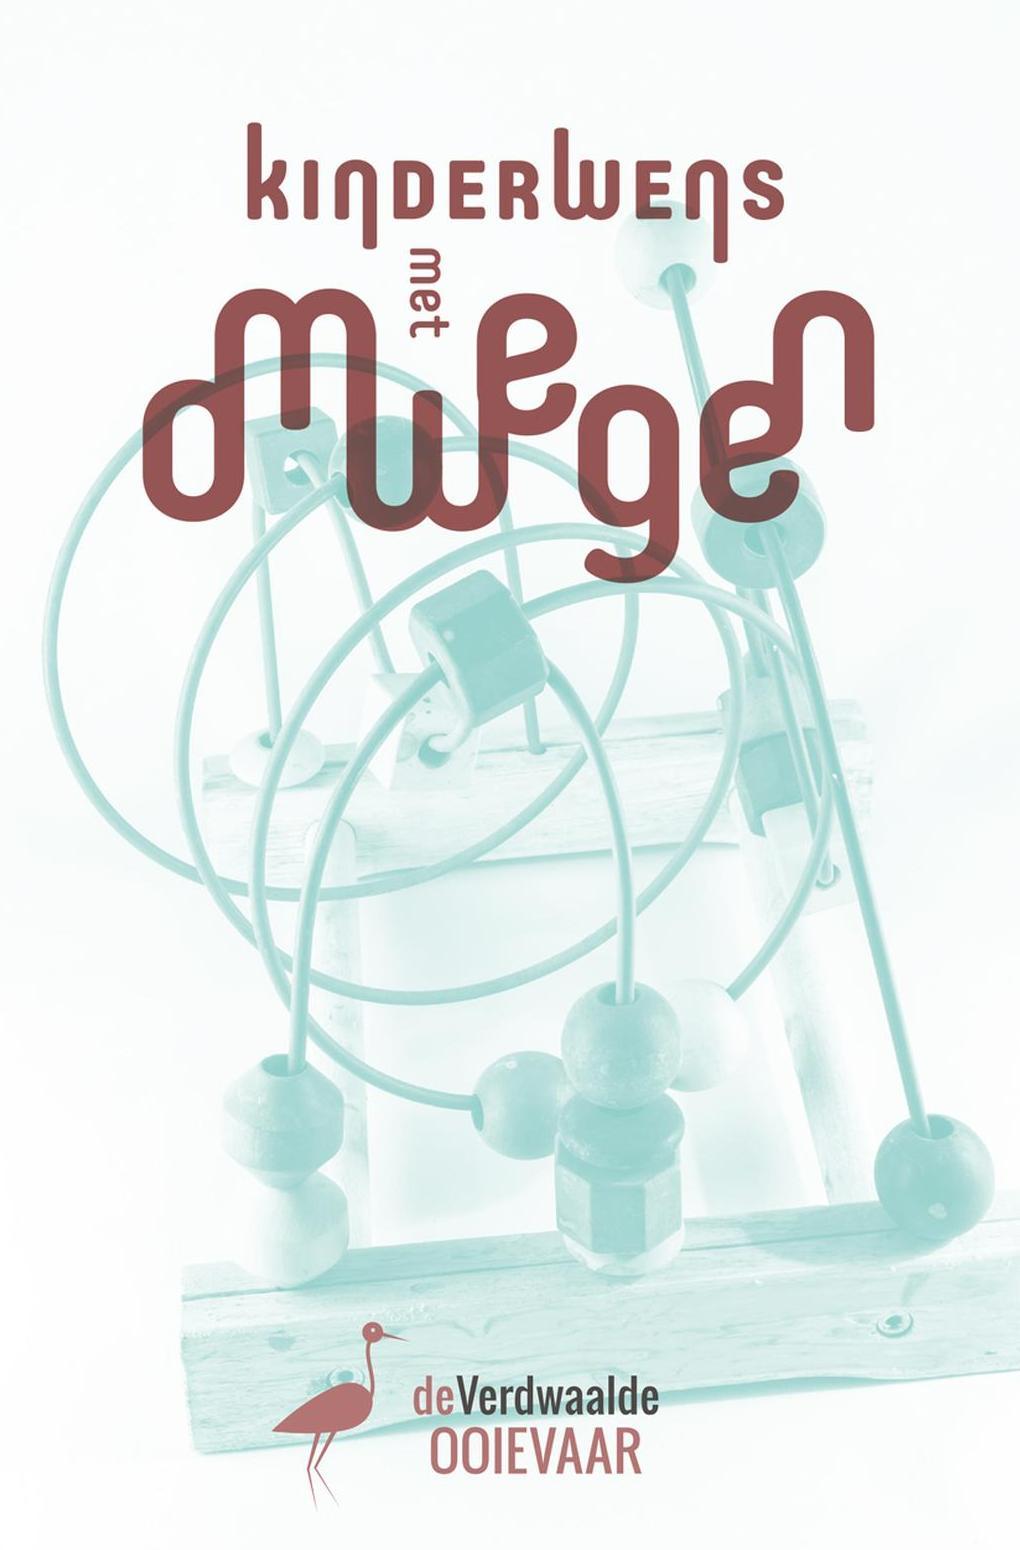 HD-cover-kinderw-omwegen-08-17.jpg